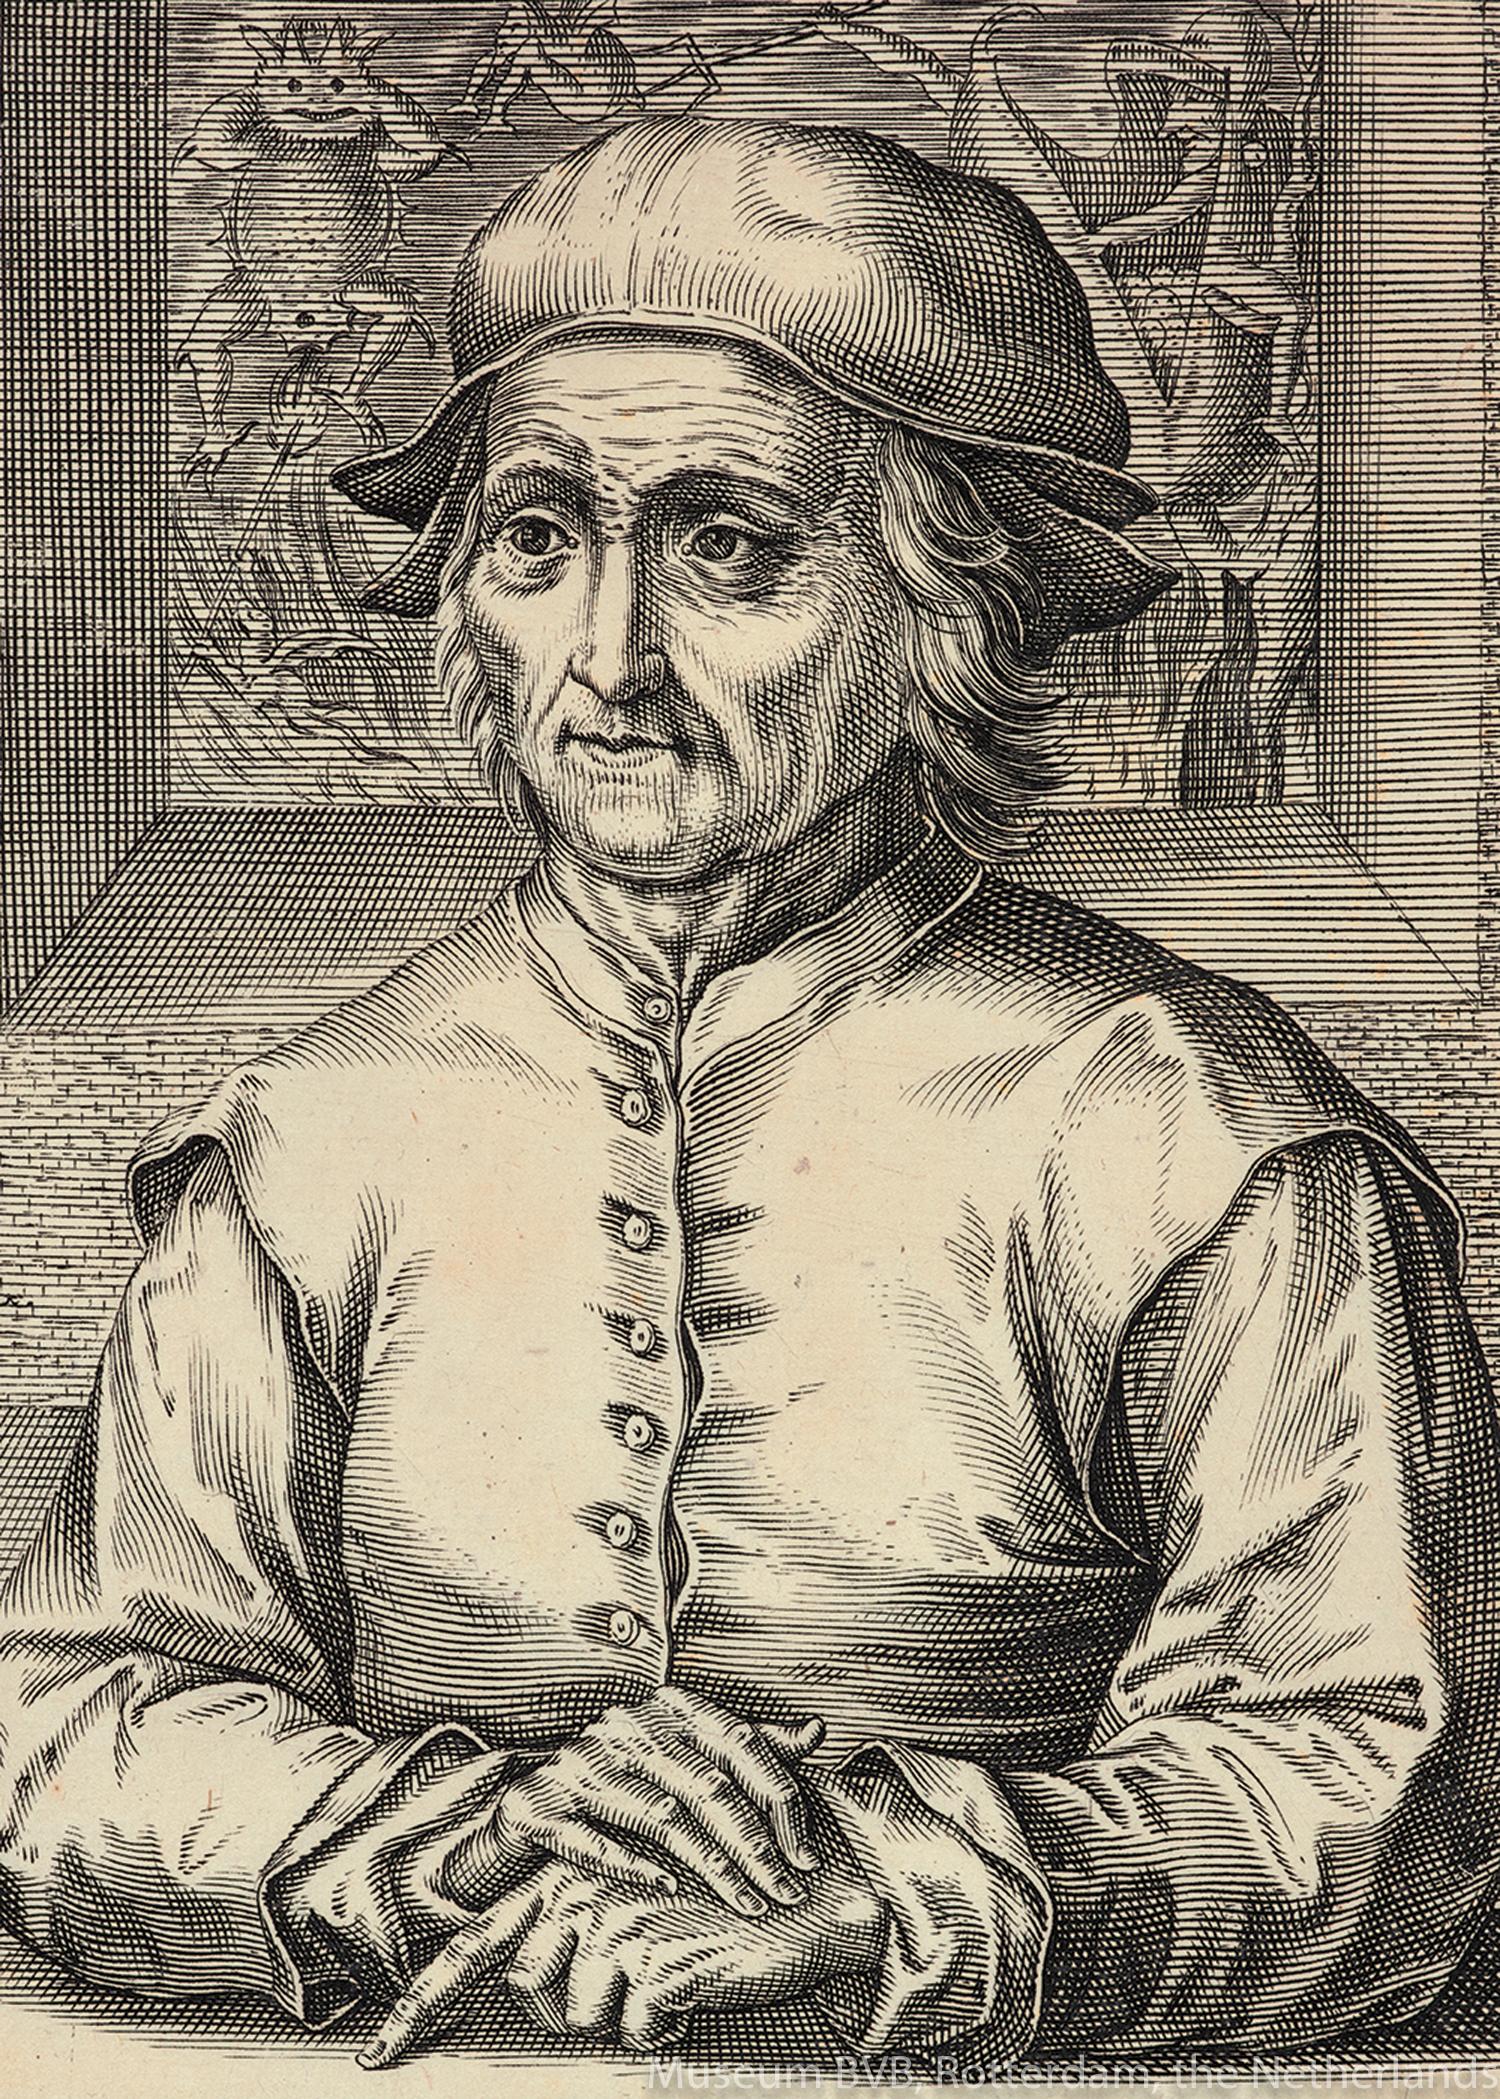 ヘンドリック・ホンディウス1世《ヒエロニムス・ボスの肖像》(部分、1610年、エングレーヴィング)